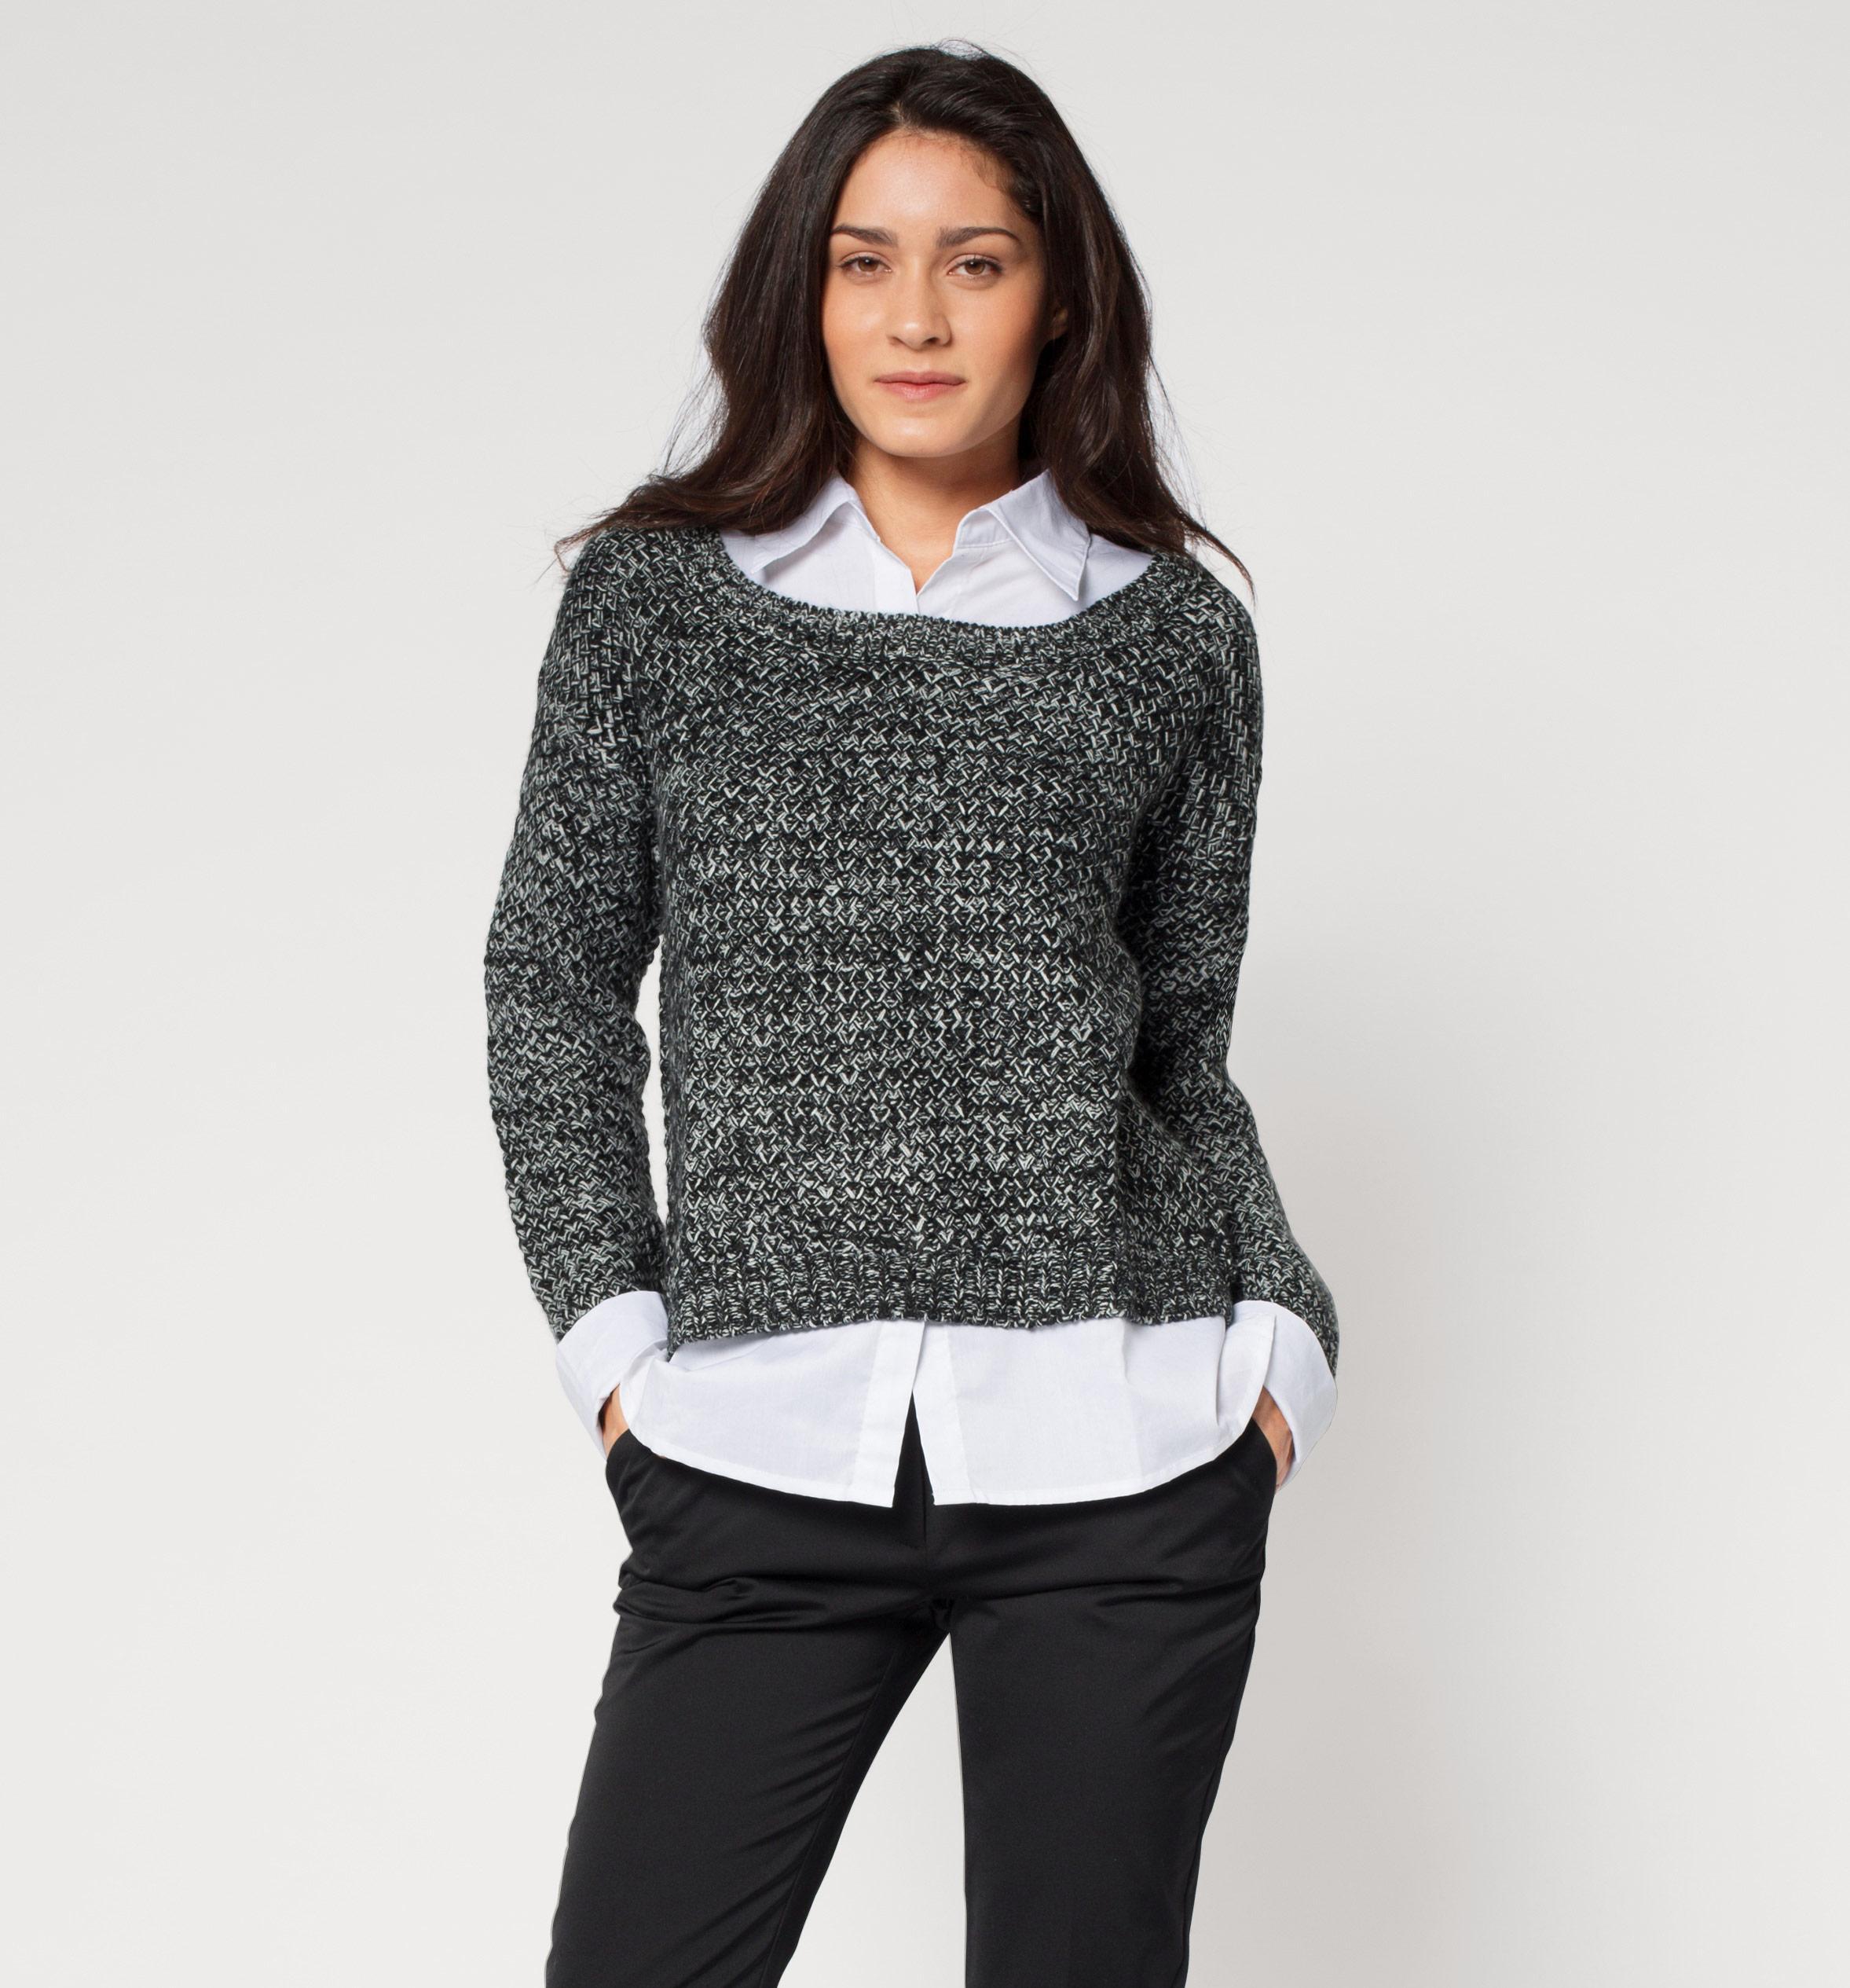 Пуловер для новорожденных с доставкой